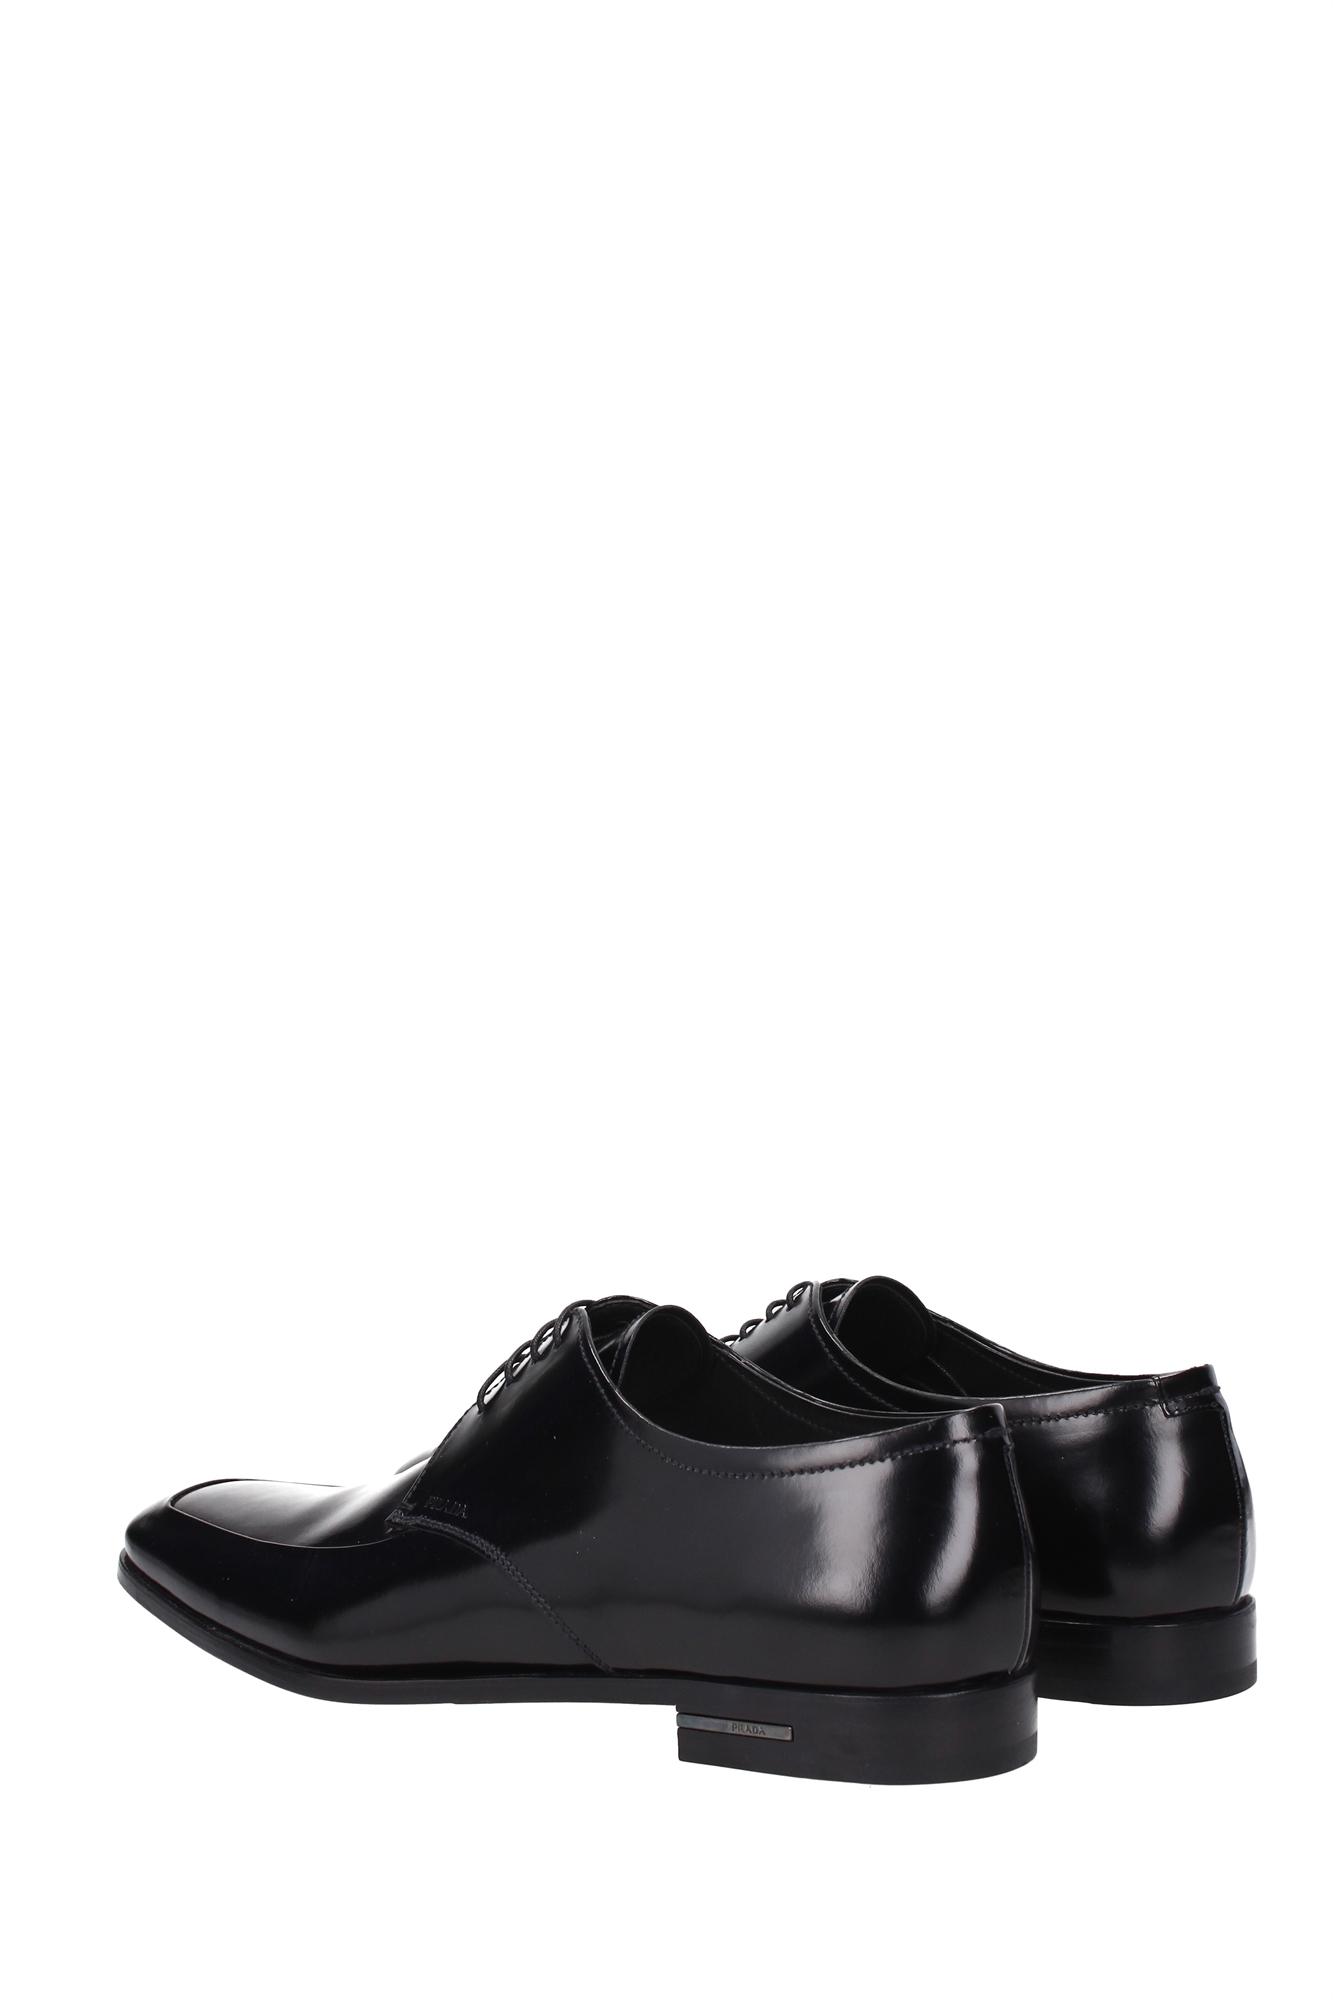 lace up shoes prada leather black 2e1598nero ebay